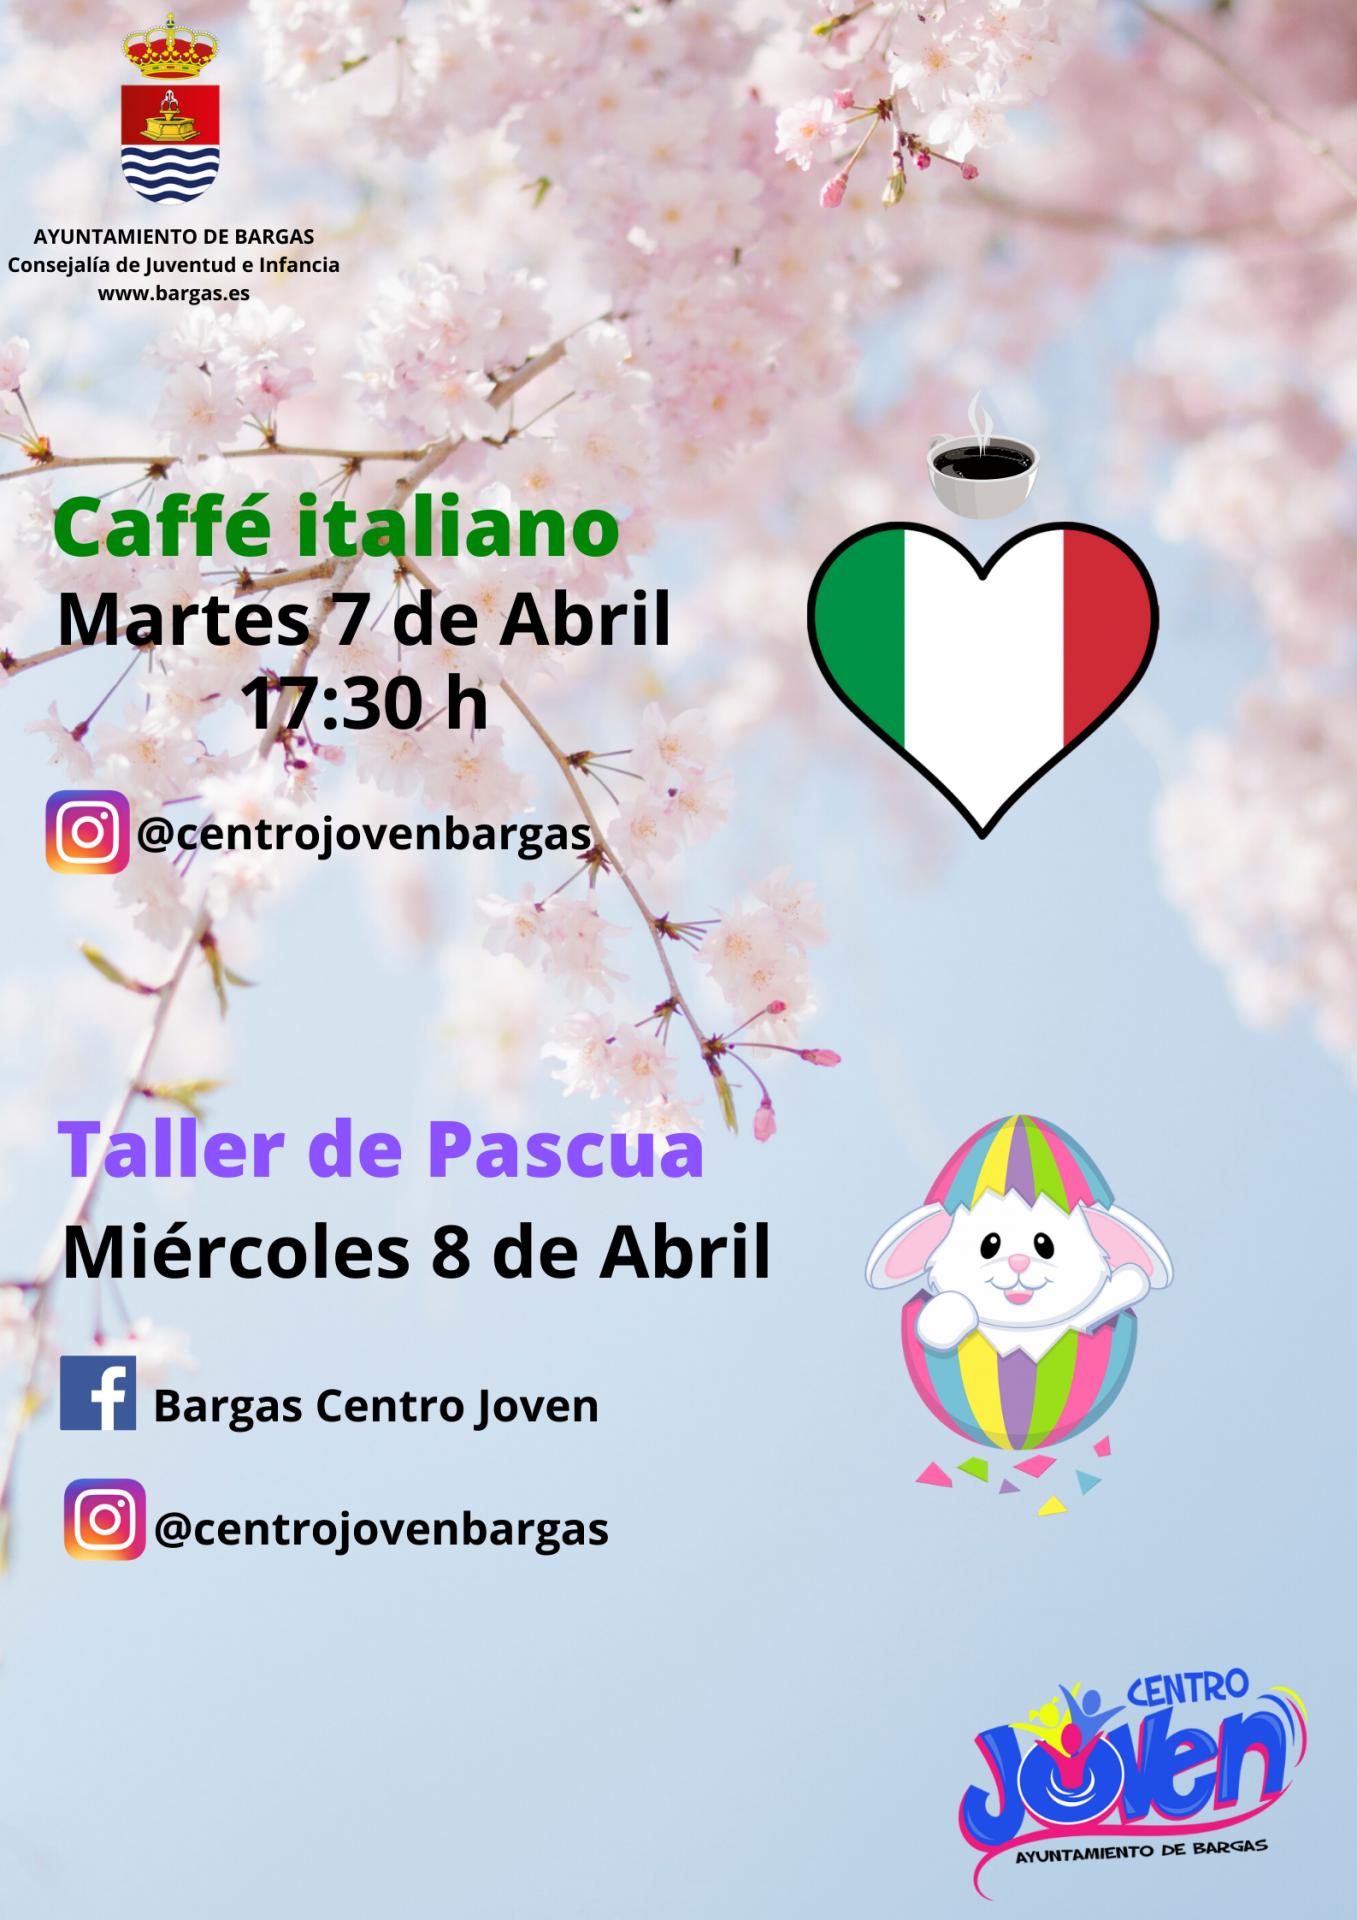 Caffé Italiano y Taller de Pascua